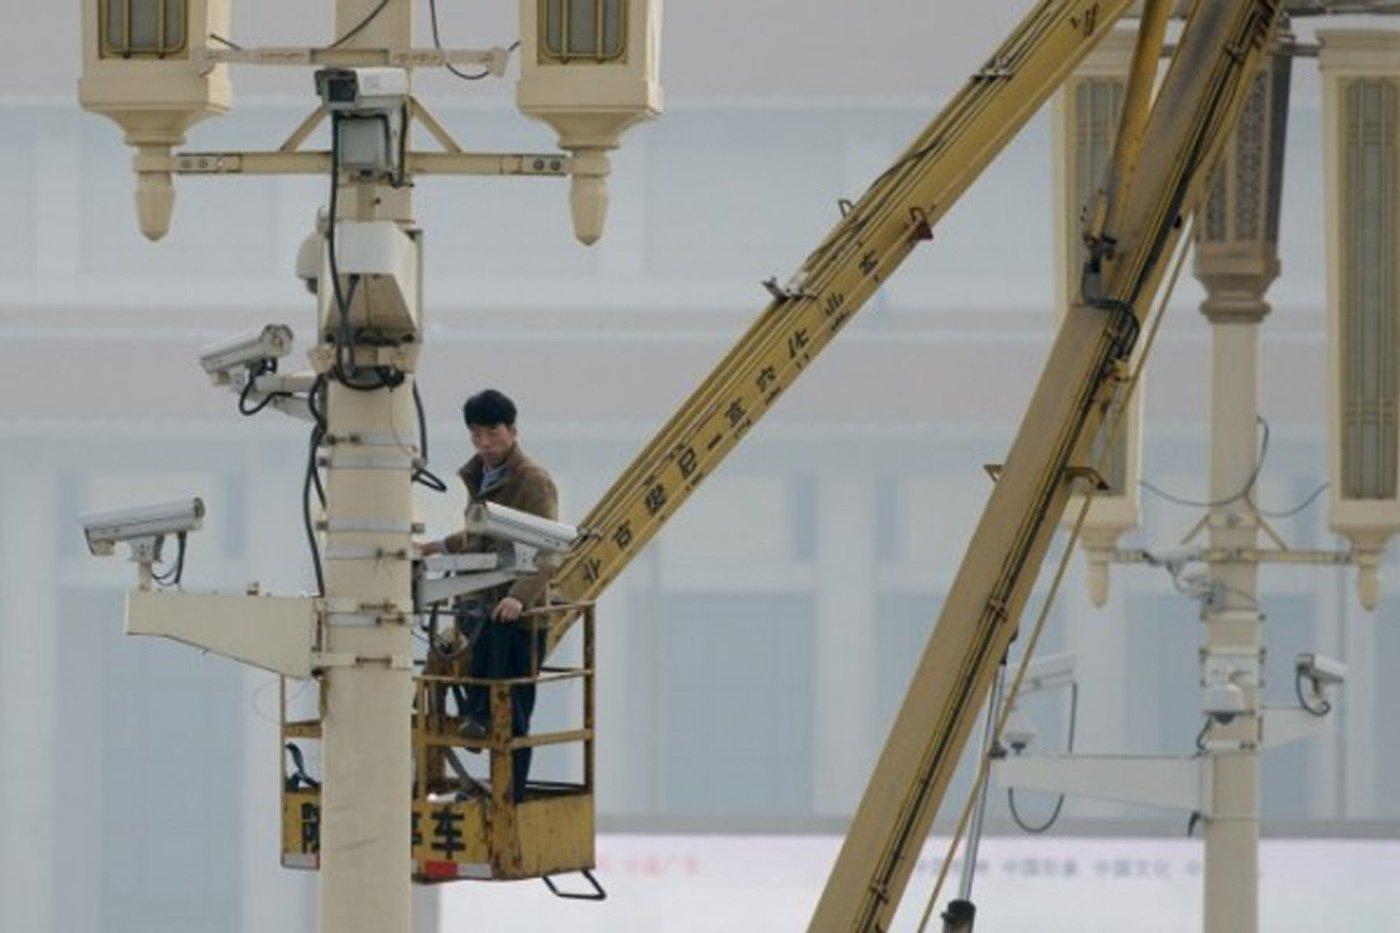 圖為一名男子於2013年10月31日在北京天安門廣場檢查監視鏡頭。(Ed Jones/AFP/Getty Images)